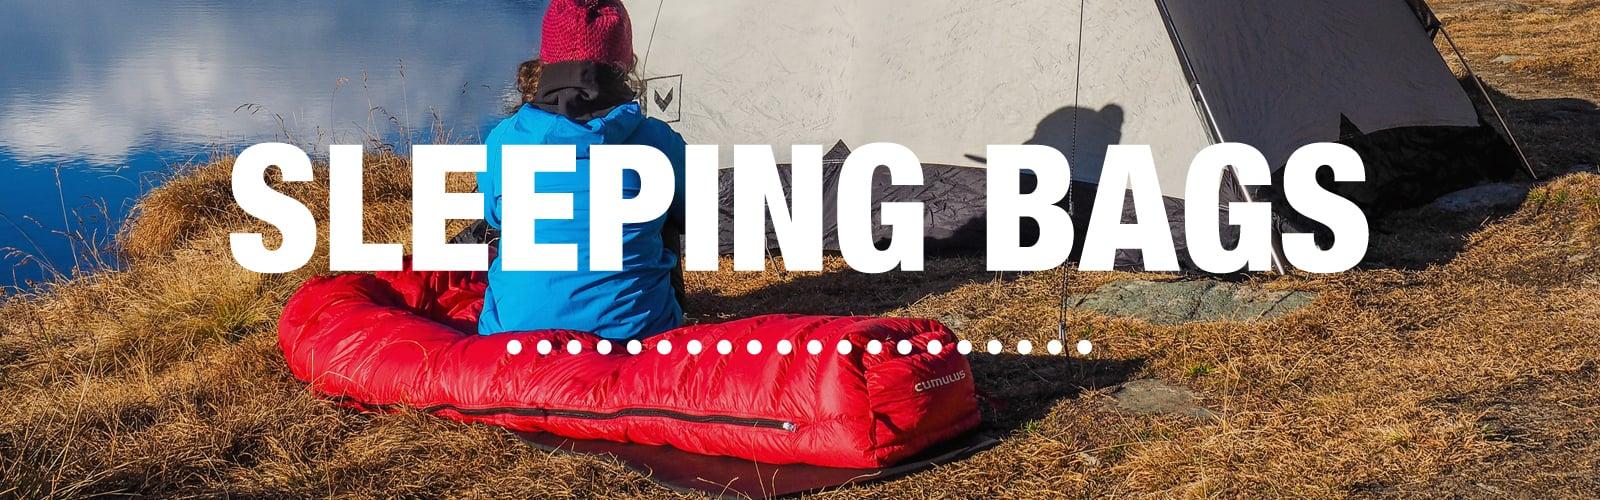 Sleeping Bag Guide